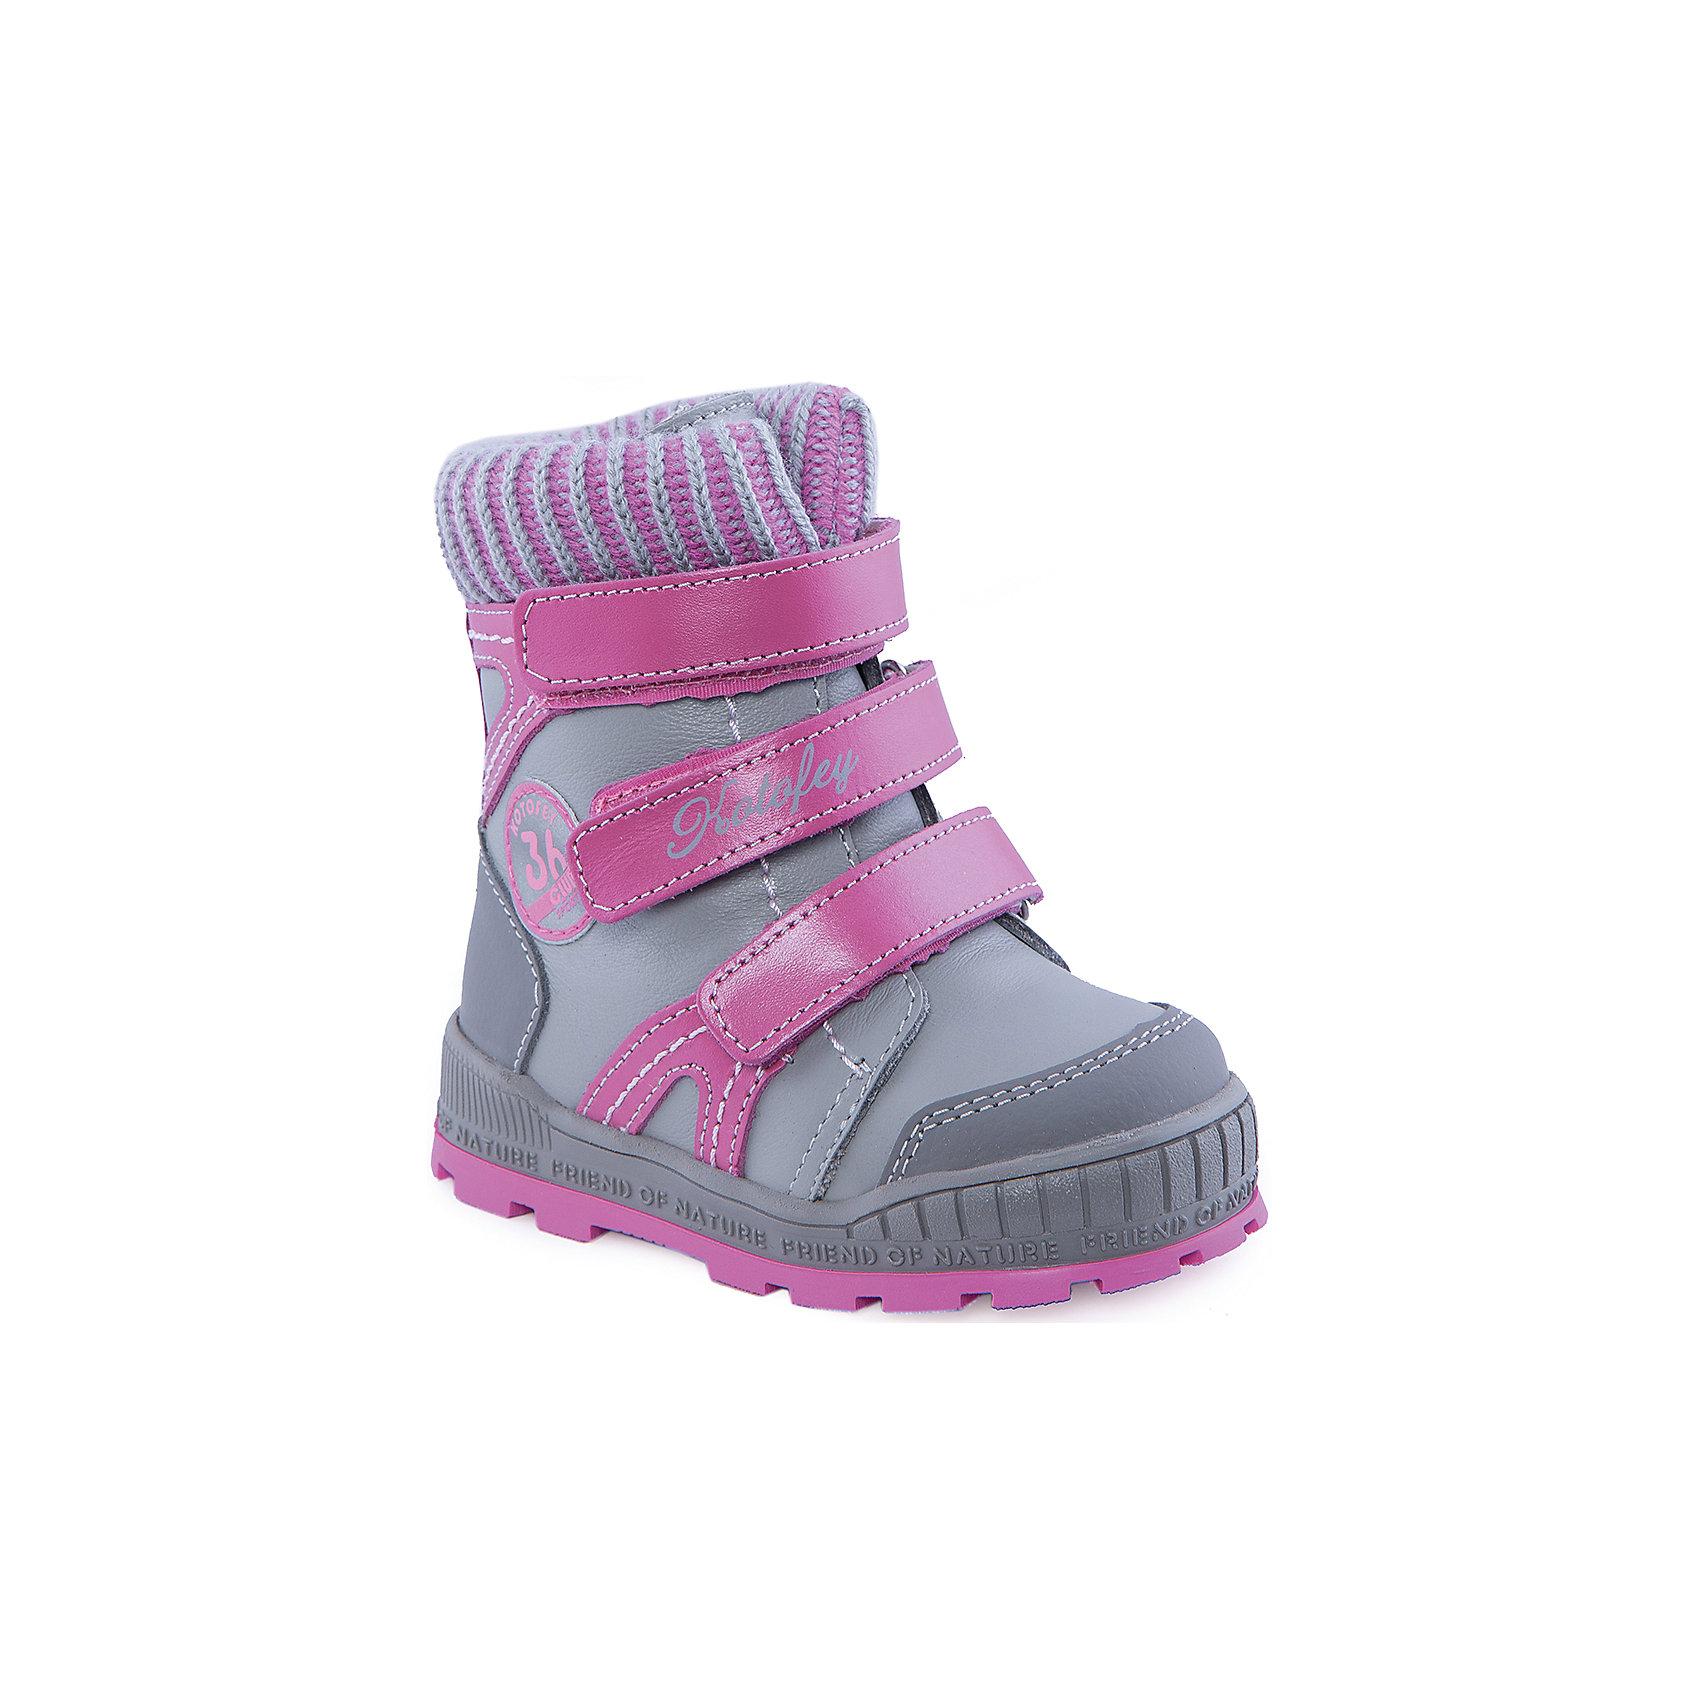 Ботинки для девочки КотофейОбувь для малышей<br>Зимние ботинки для девочки от известного бренда Котофей.<br><br>Дополнительная информация:<br><br>Состав: натуральная кожа<br>Материал подкладки: шерстяной мех<br>Крепление подошвы: клеем<br><br>Ботинки для девочки Котофей можно купить в нашем магазине.<br><br>Ширина мм: 262<br>Глубина мм: 176<br>Высота мм: 97<br>Вес г: 427<br>Цвет: серый<br>Возраст от месяцев: 21<br>Возраст до месяцев: 24<br>Пол: Женский<br>Возраст: Детский<br>Размер: 24,26,25,23<br>SKU: 3810224